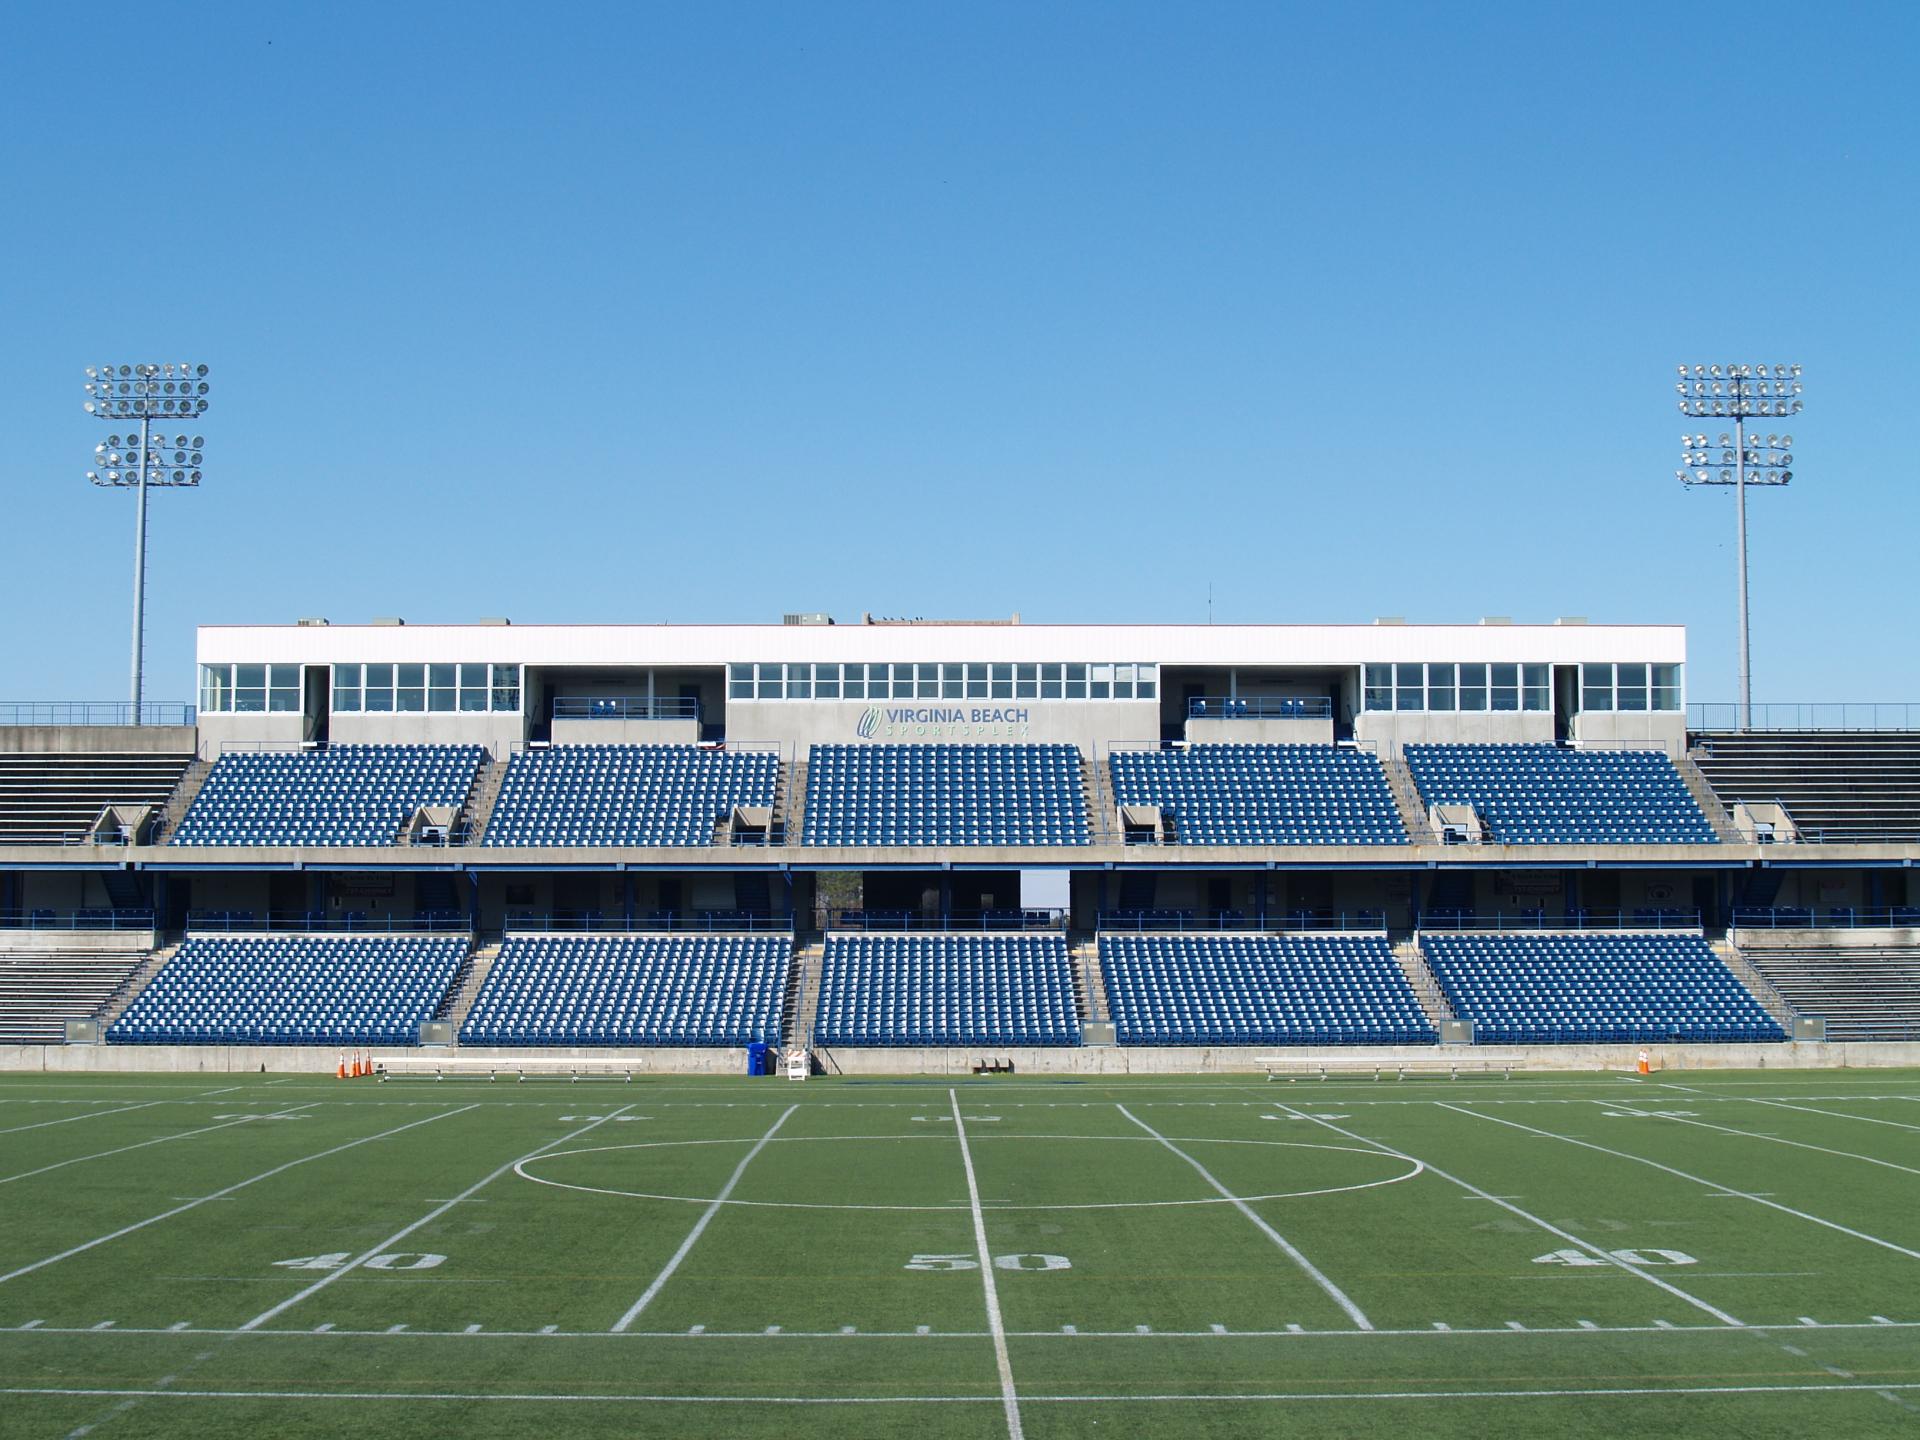 Sportsplex Field